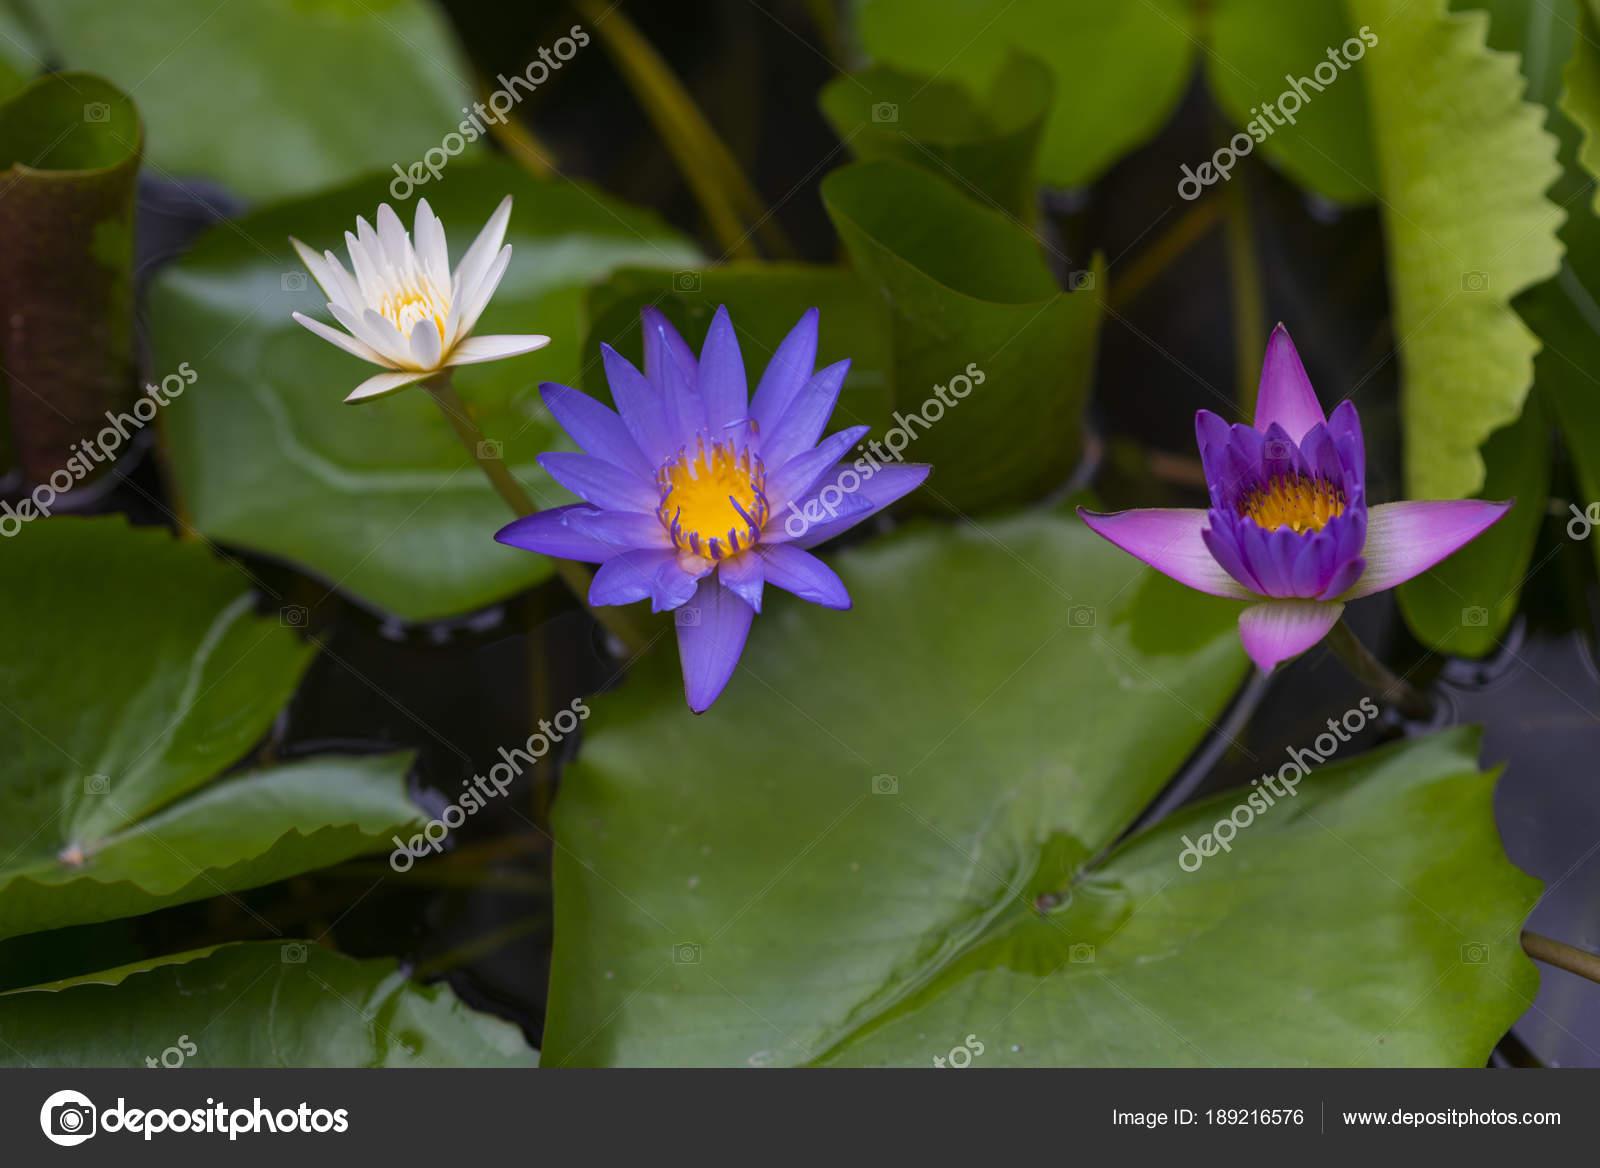 Lotus flower garden stock photo chokniti 189216576 lotus flower garden stock photo izmirmasajfo